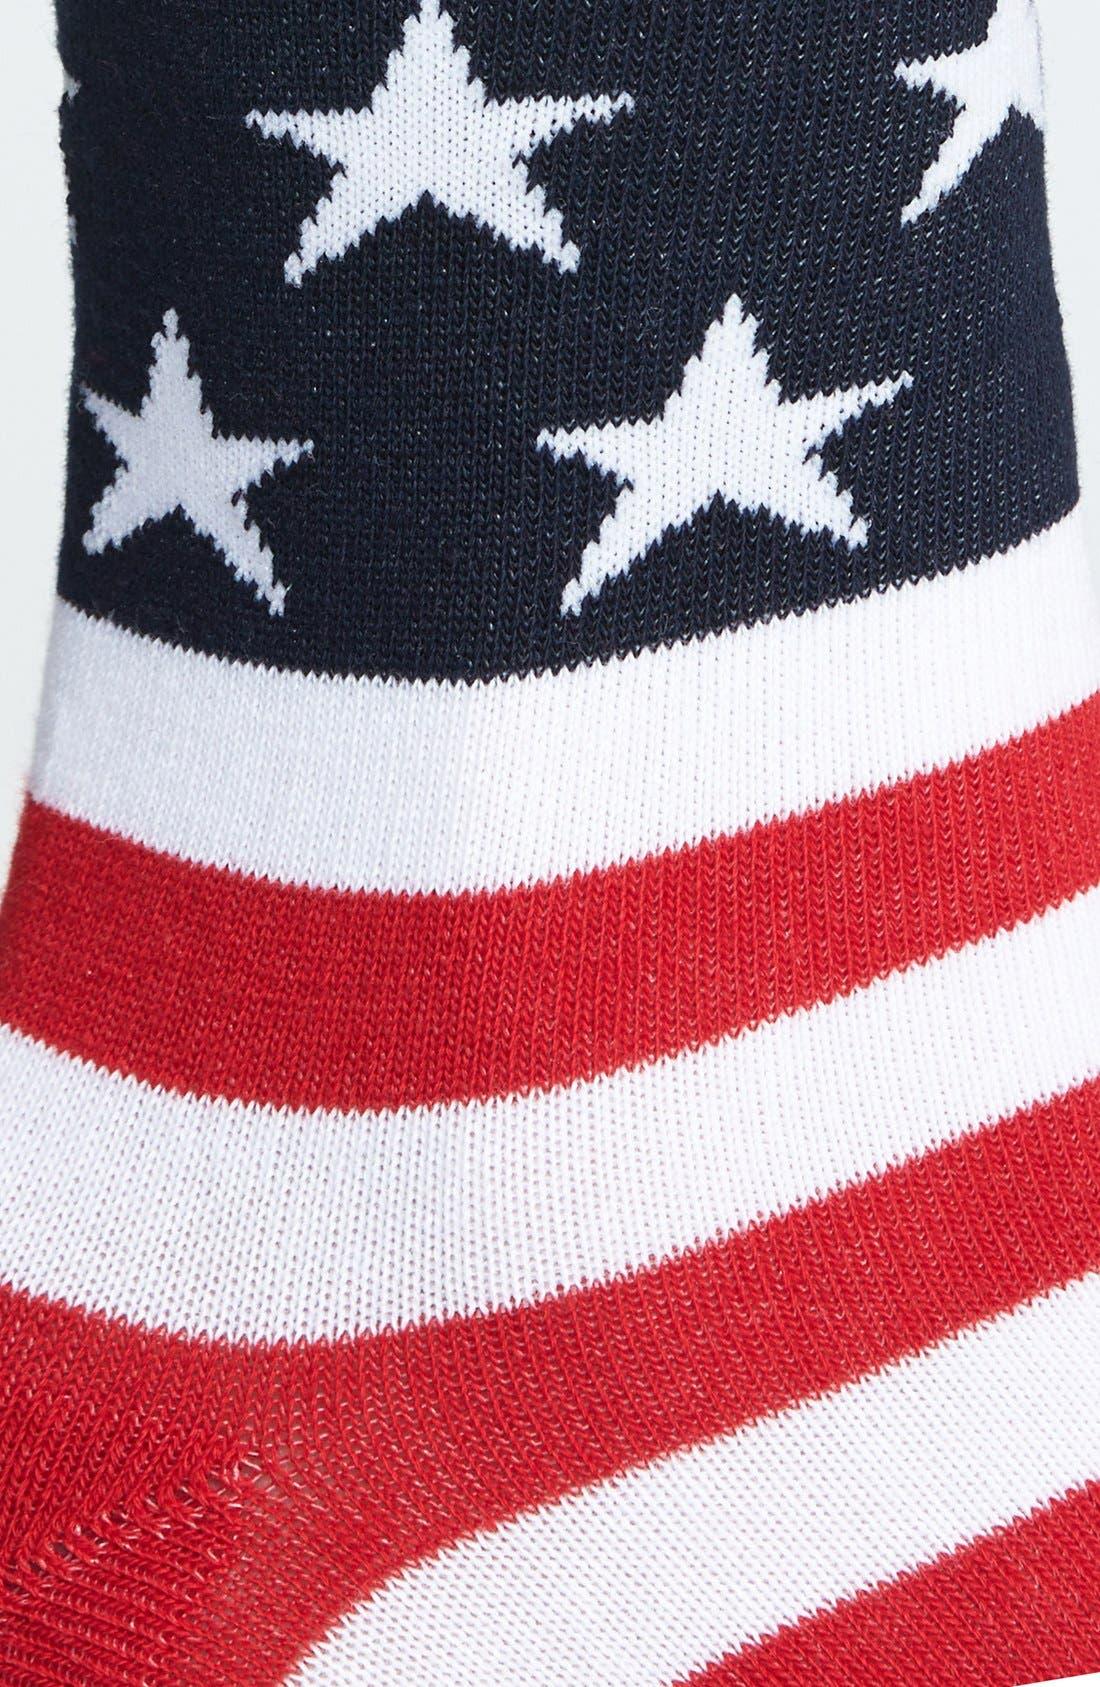 Alternate Image 2  - K. Bell Socks 'American Flag' Crew Socks